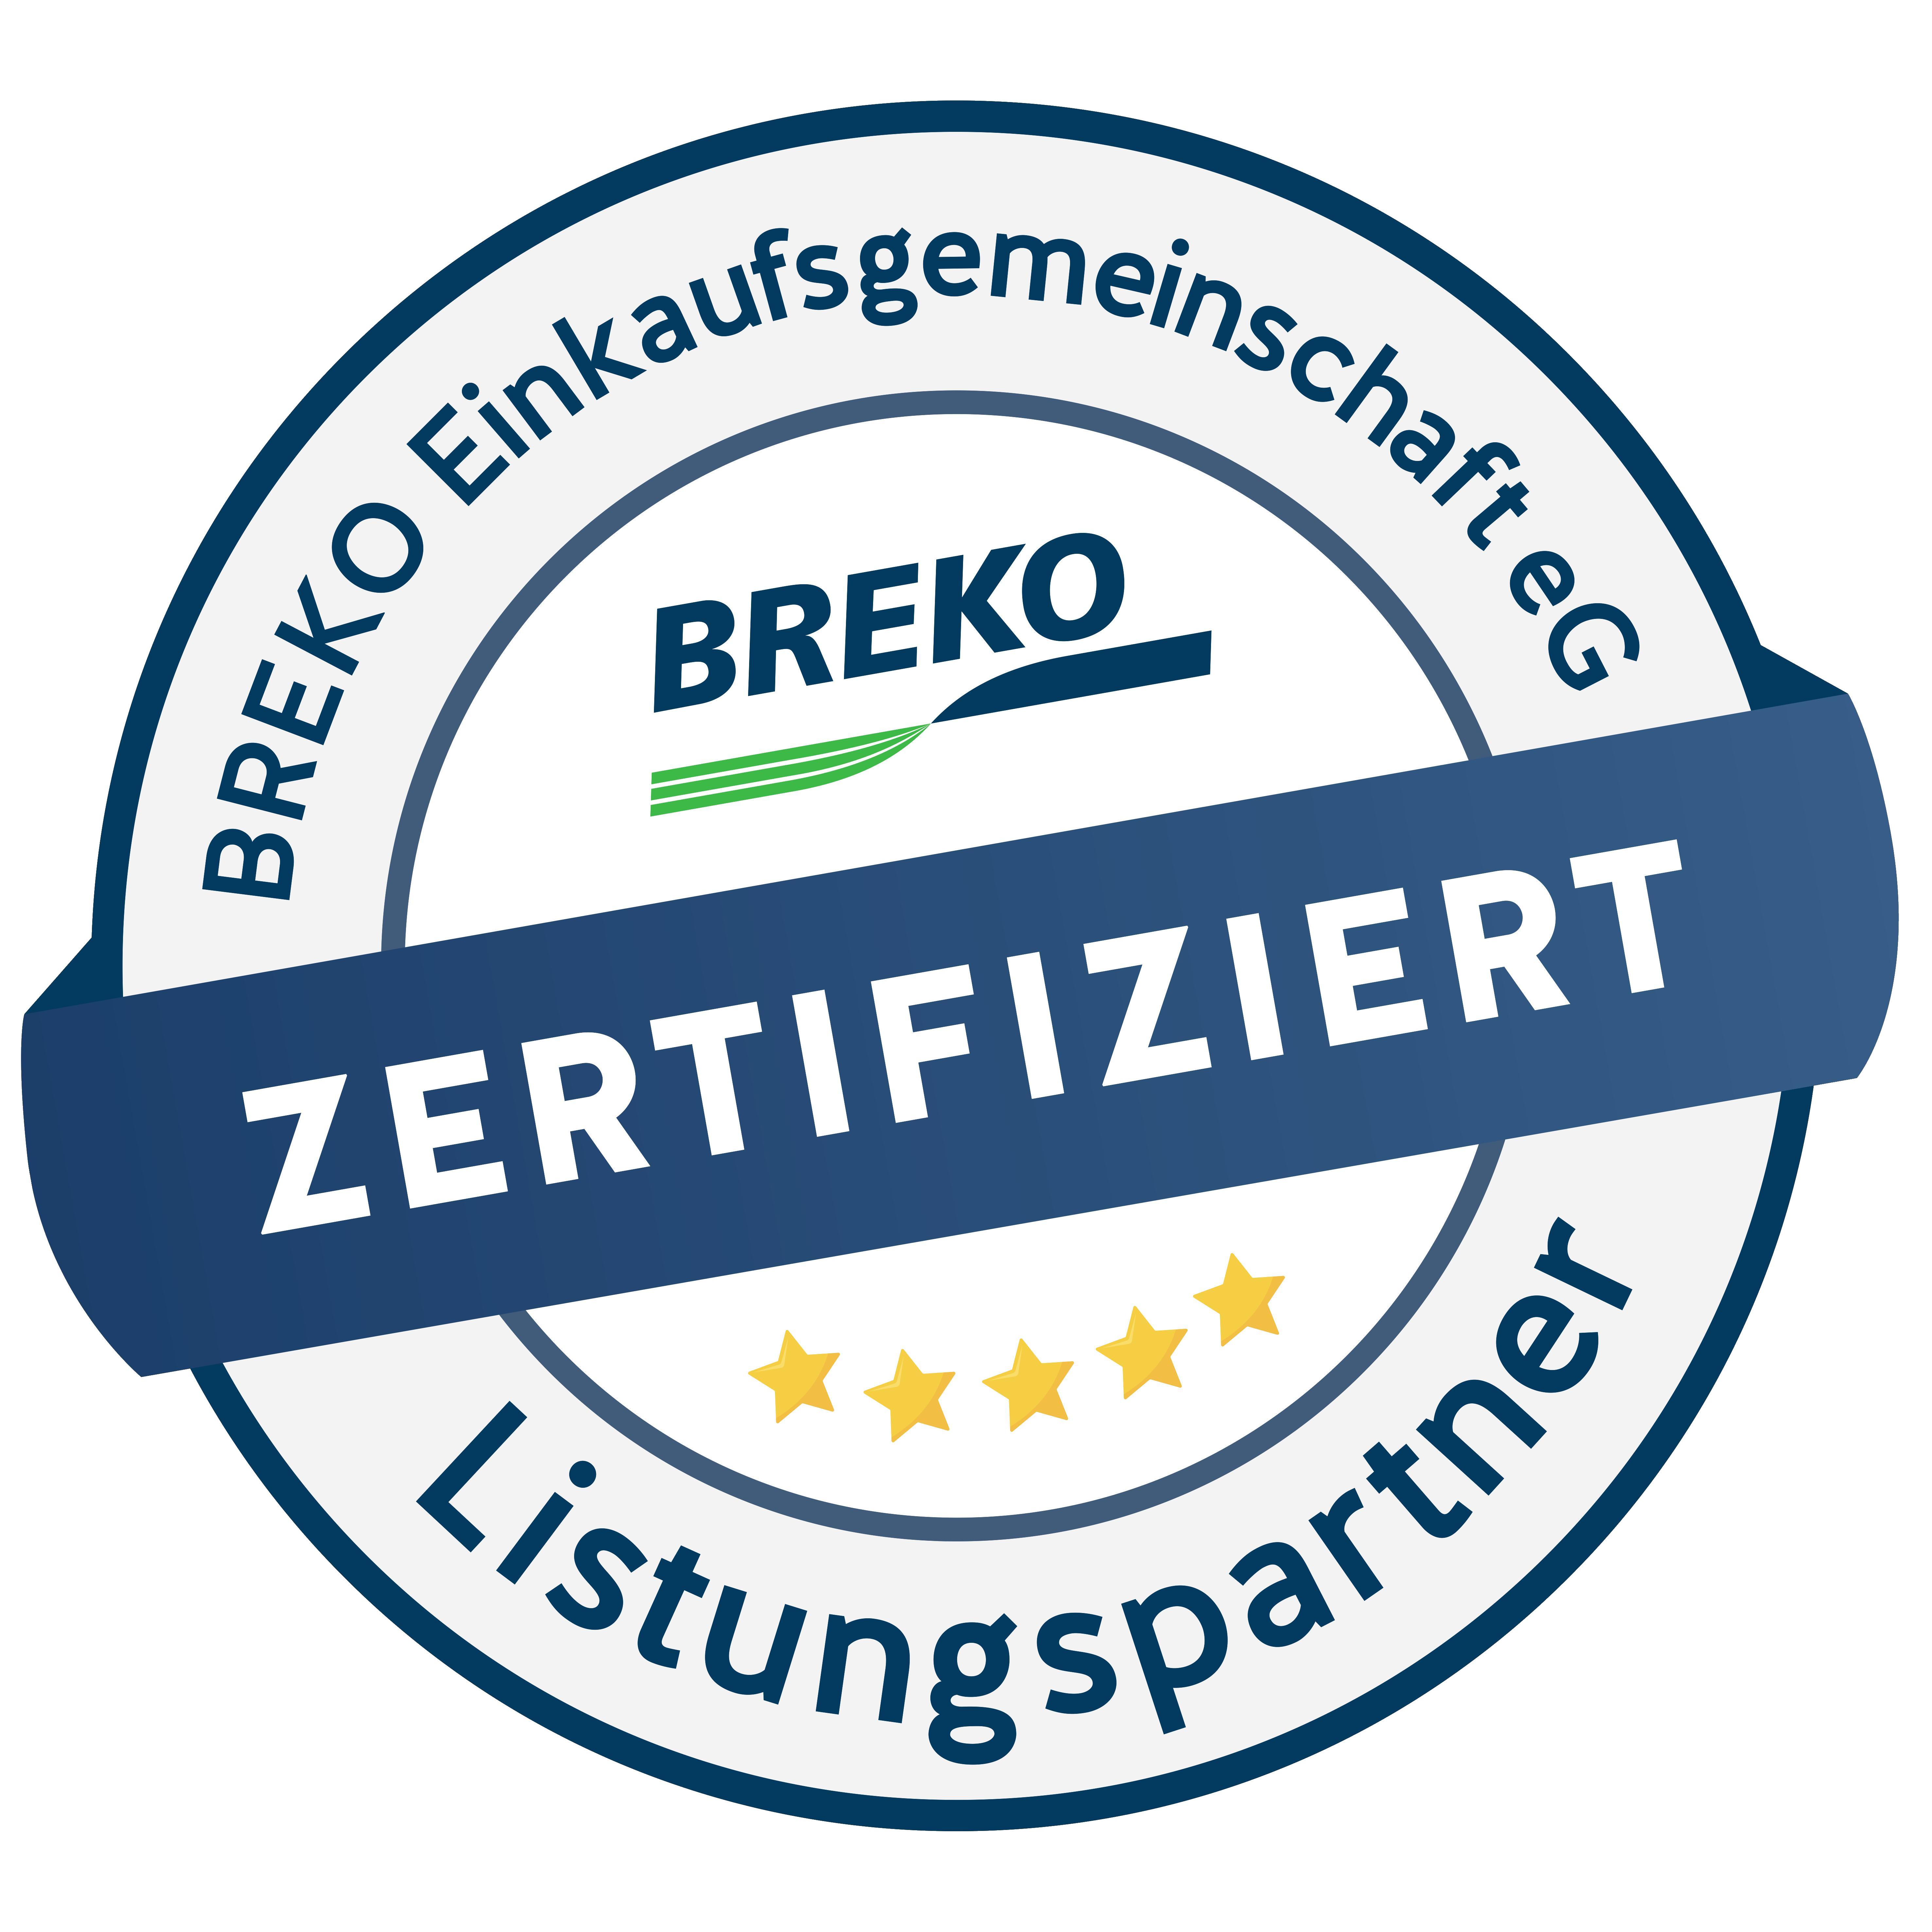 valantic ist zertifizierter Leistungspartner der BREKO Einkaufsgemeinschaft eG